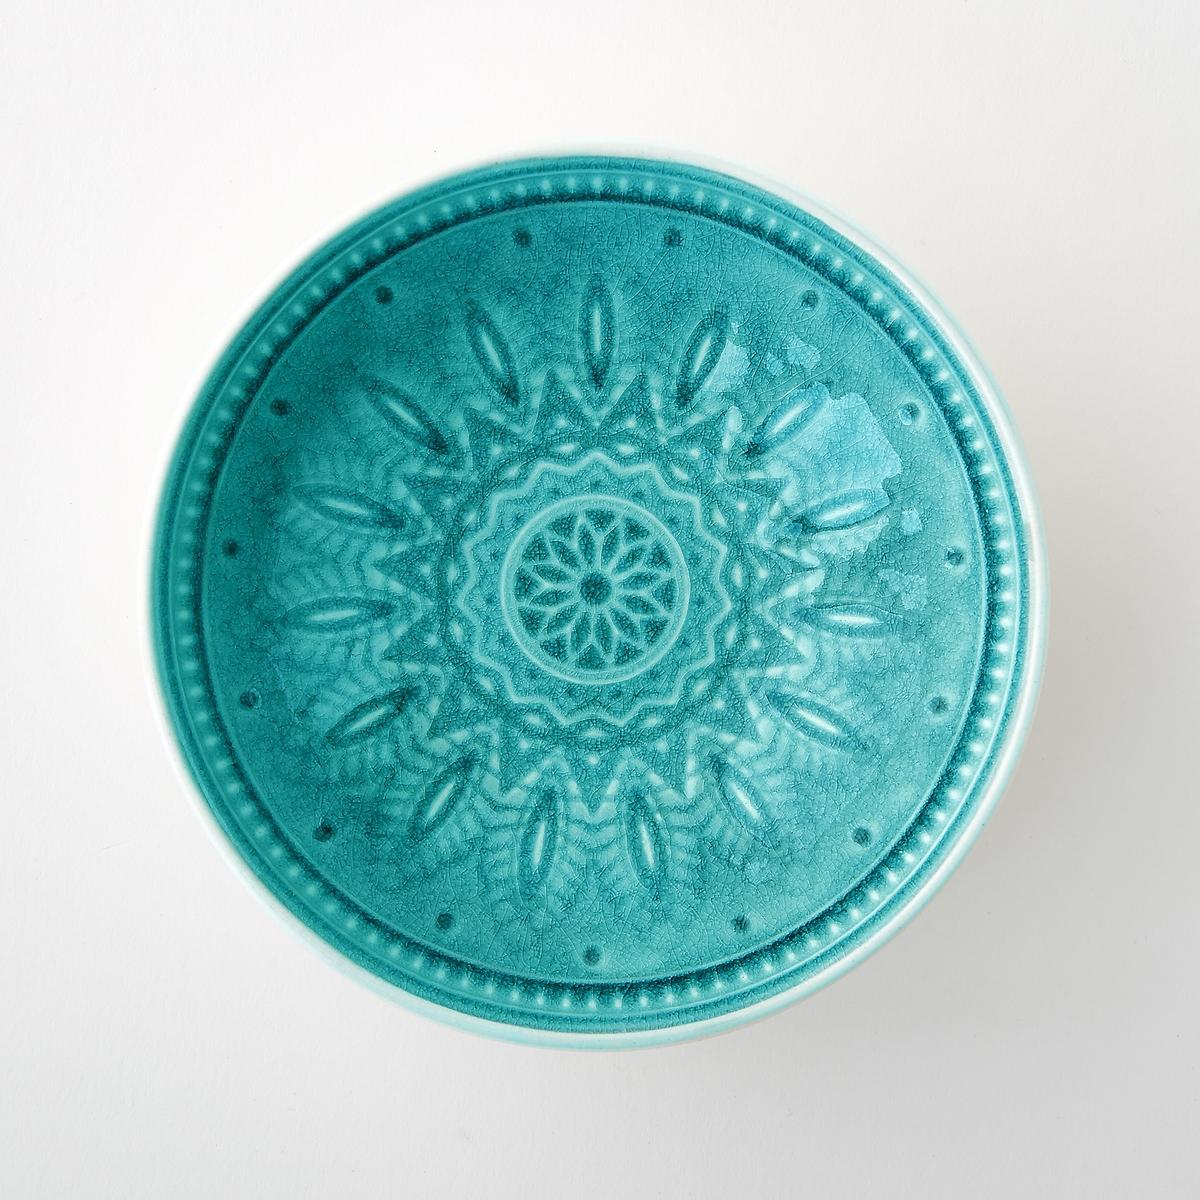 4 чаши керамических Nicolosi<br><br>Цвет: бирюзовый,серый<br>Размер: единый размер